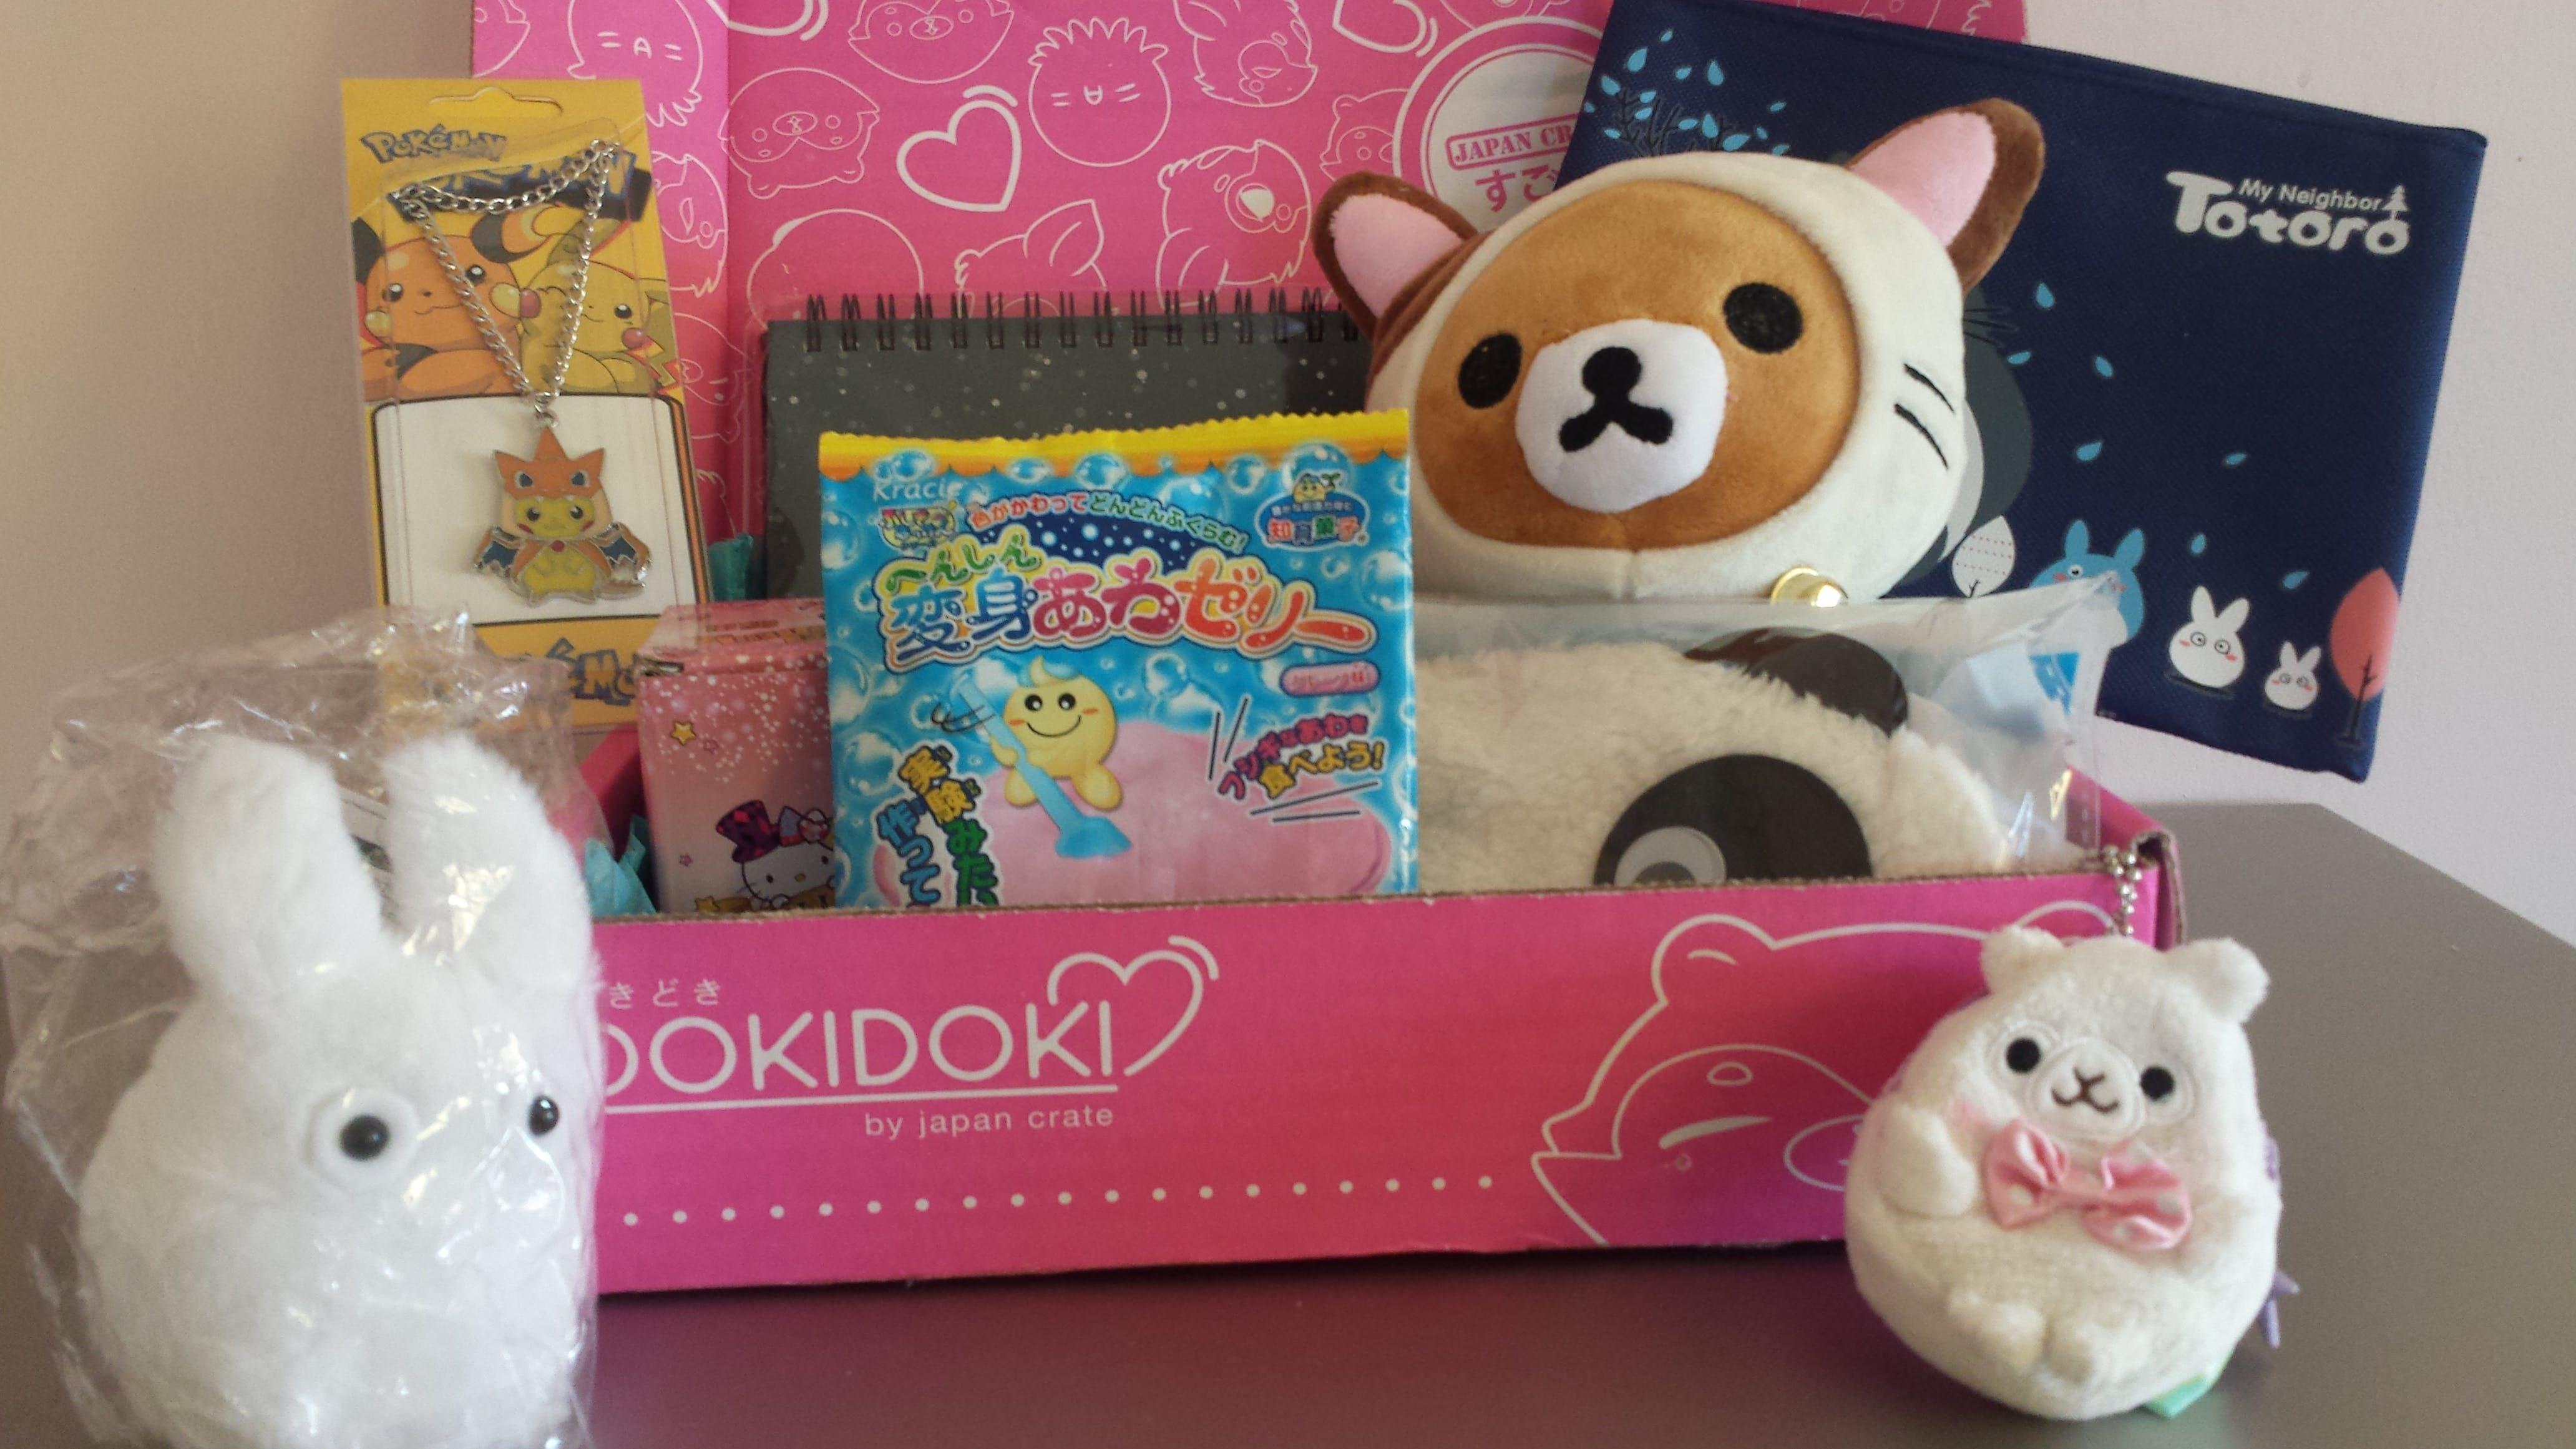 December's Doki Doki Crate